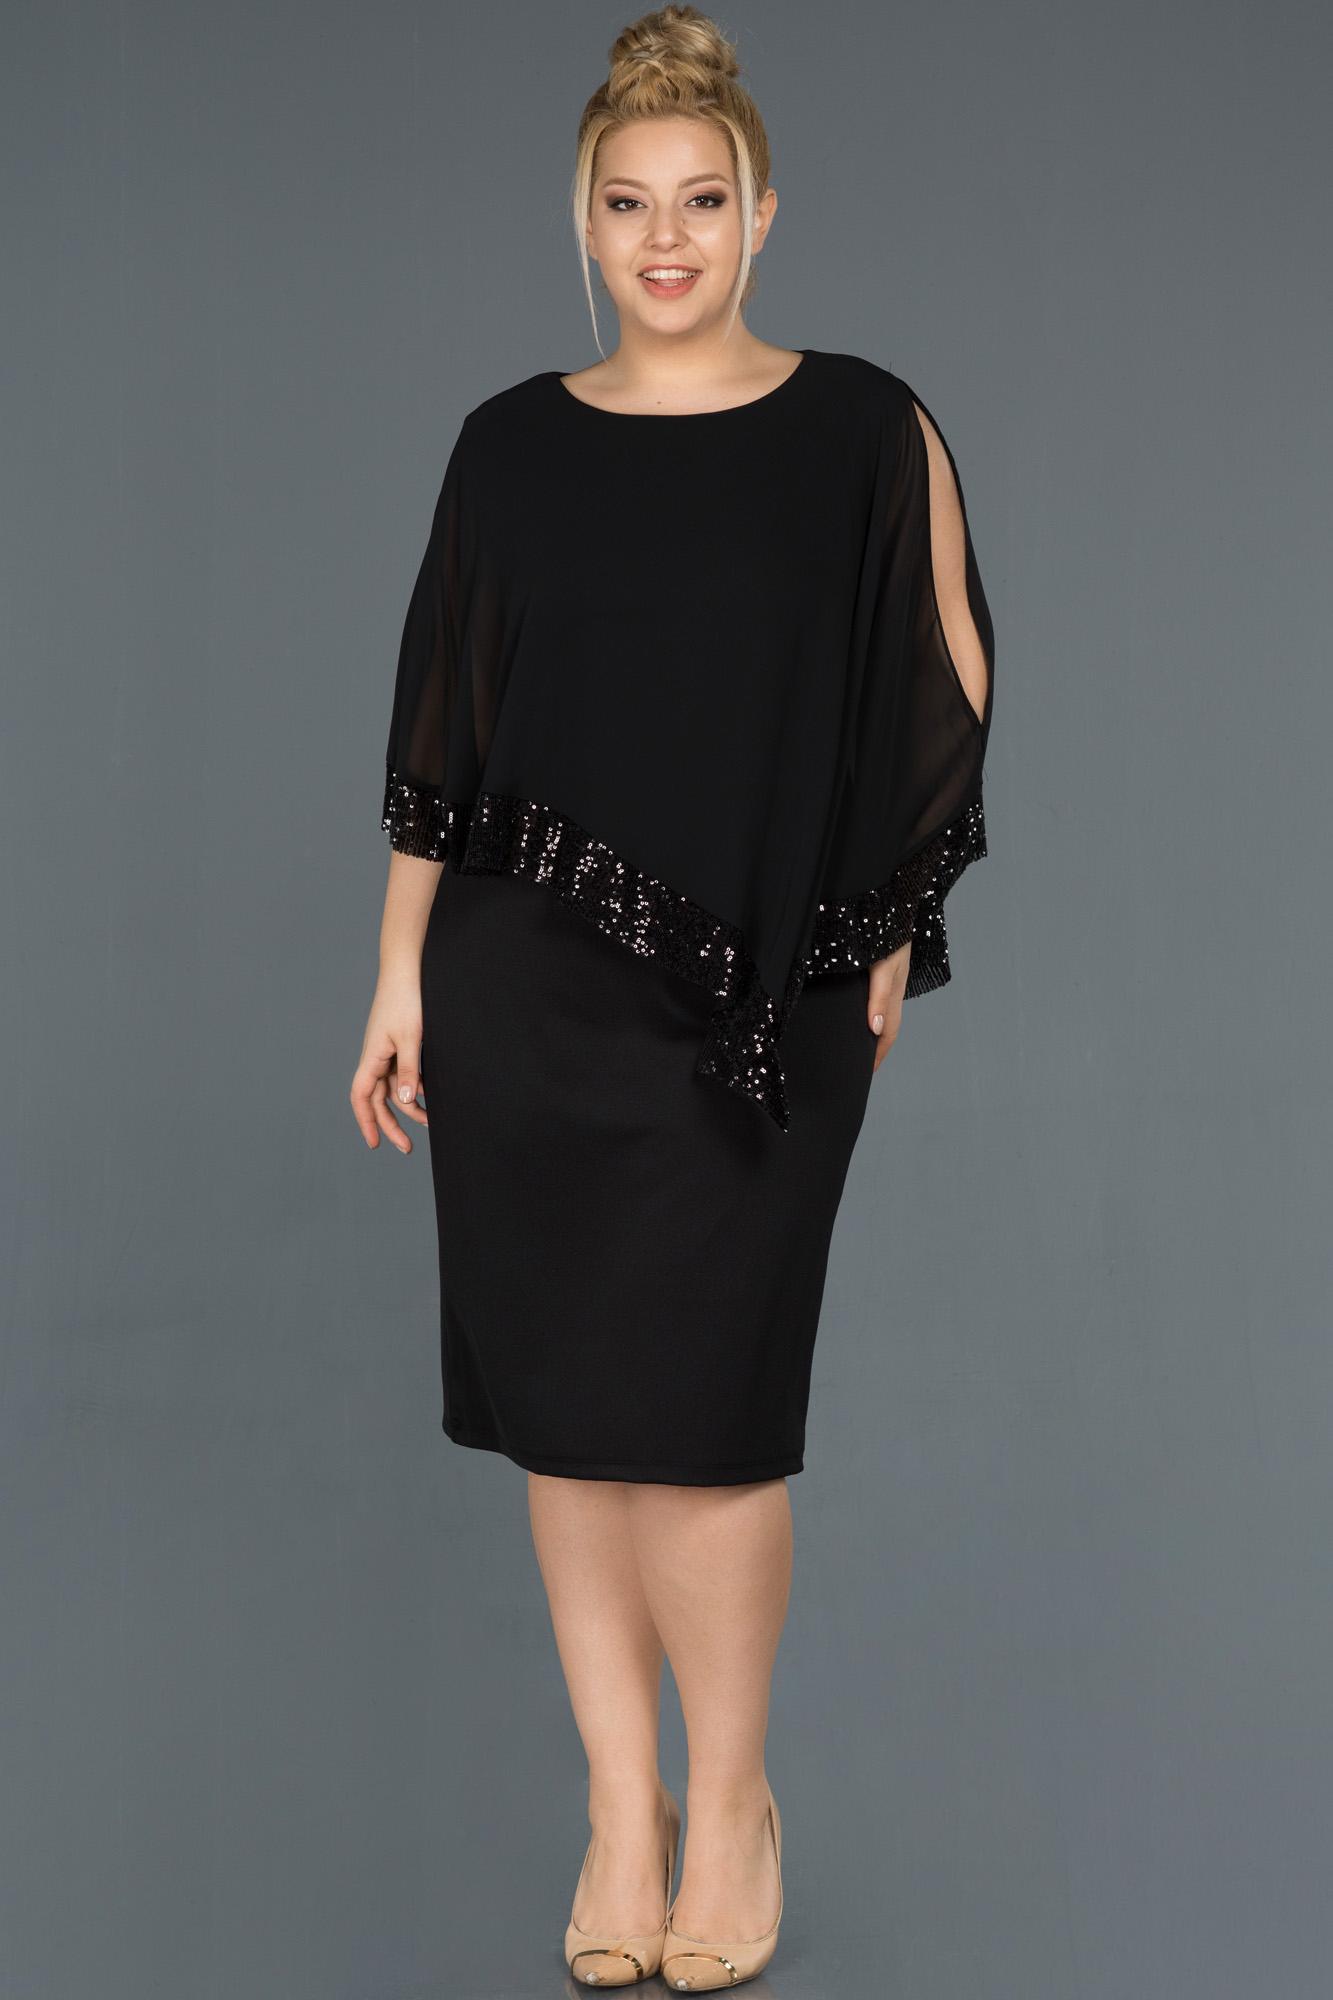 Siyah Kısa Panço Detaylı Büyük Beden Elbise